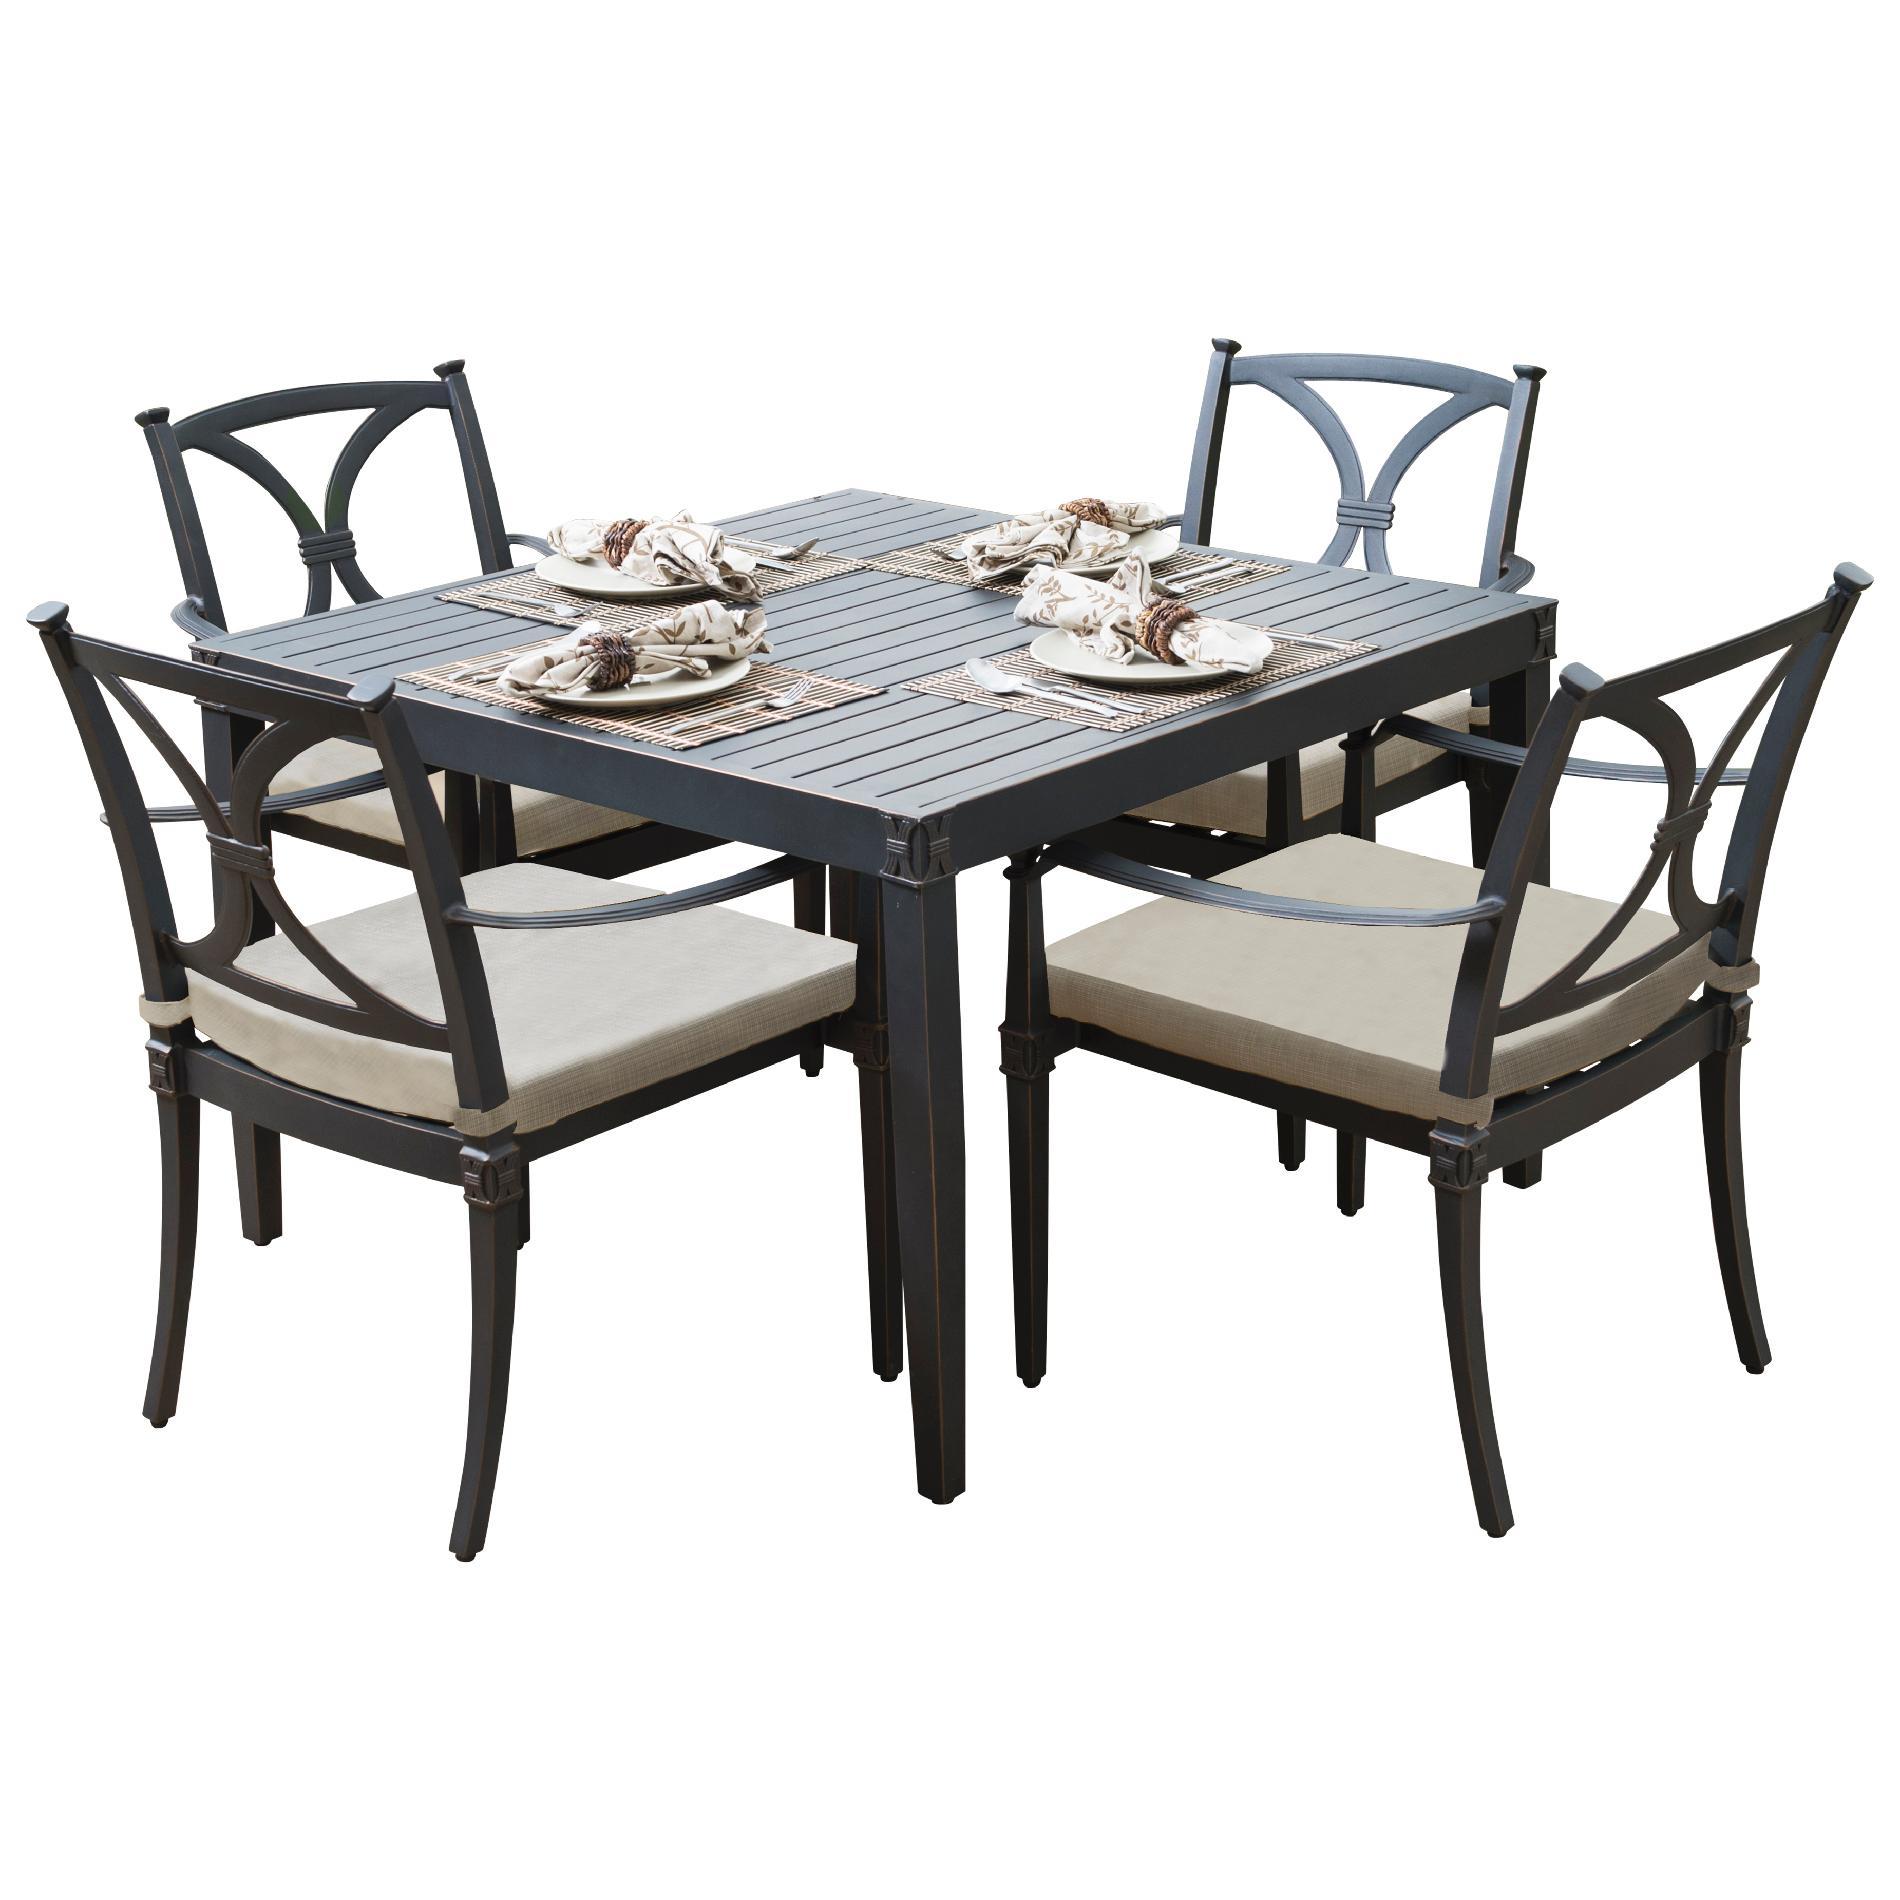 RST Brands Astoria 5pc Café Dining Set - Slate